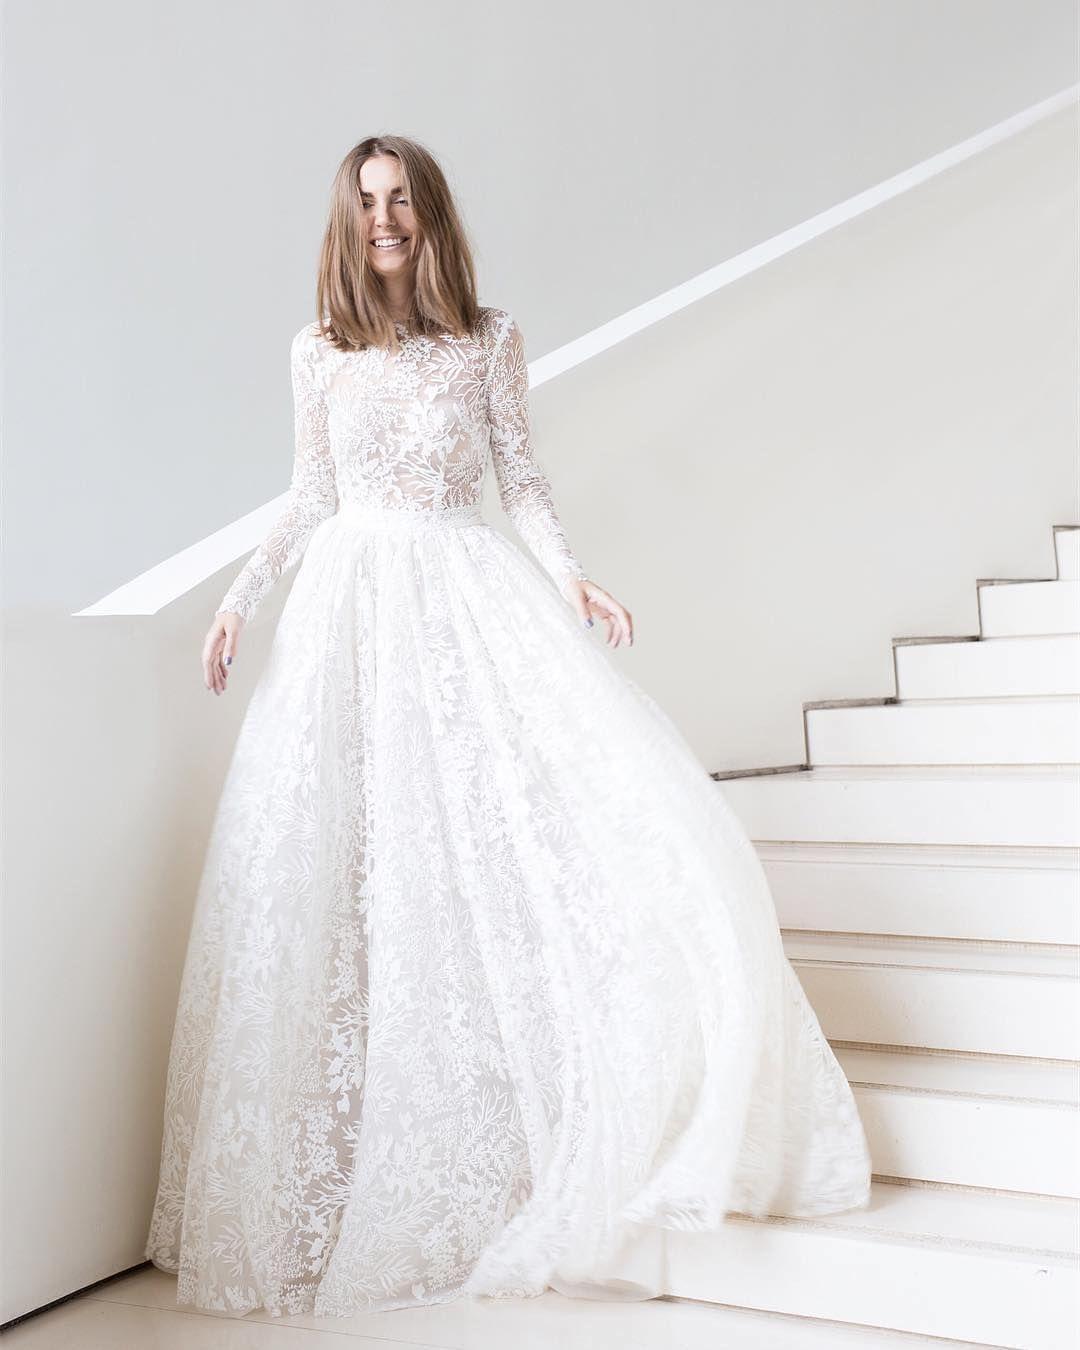 40 Timeless Wedding Dress Will Last Forever